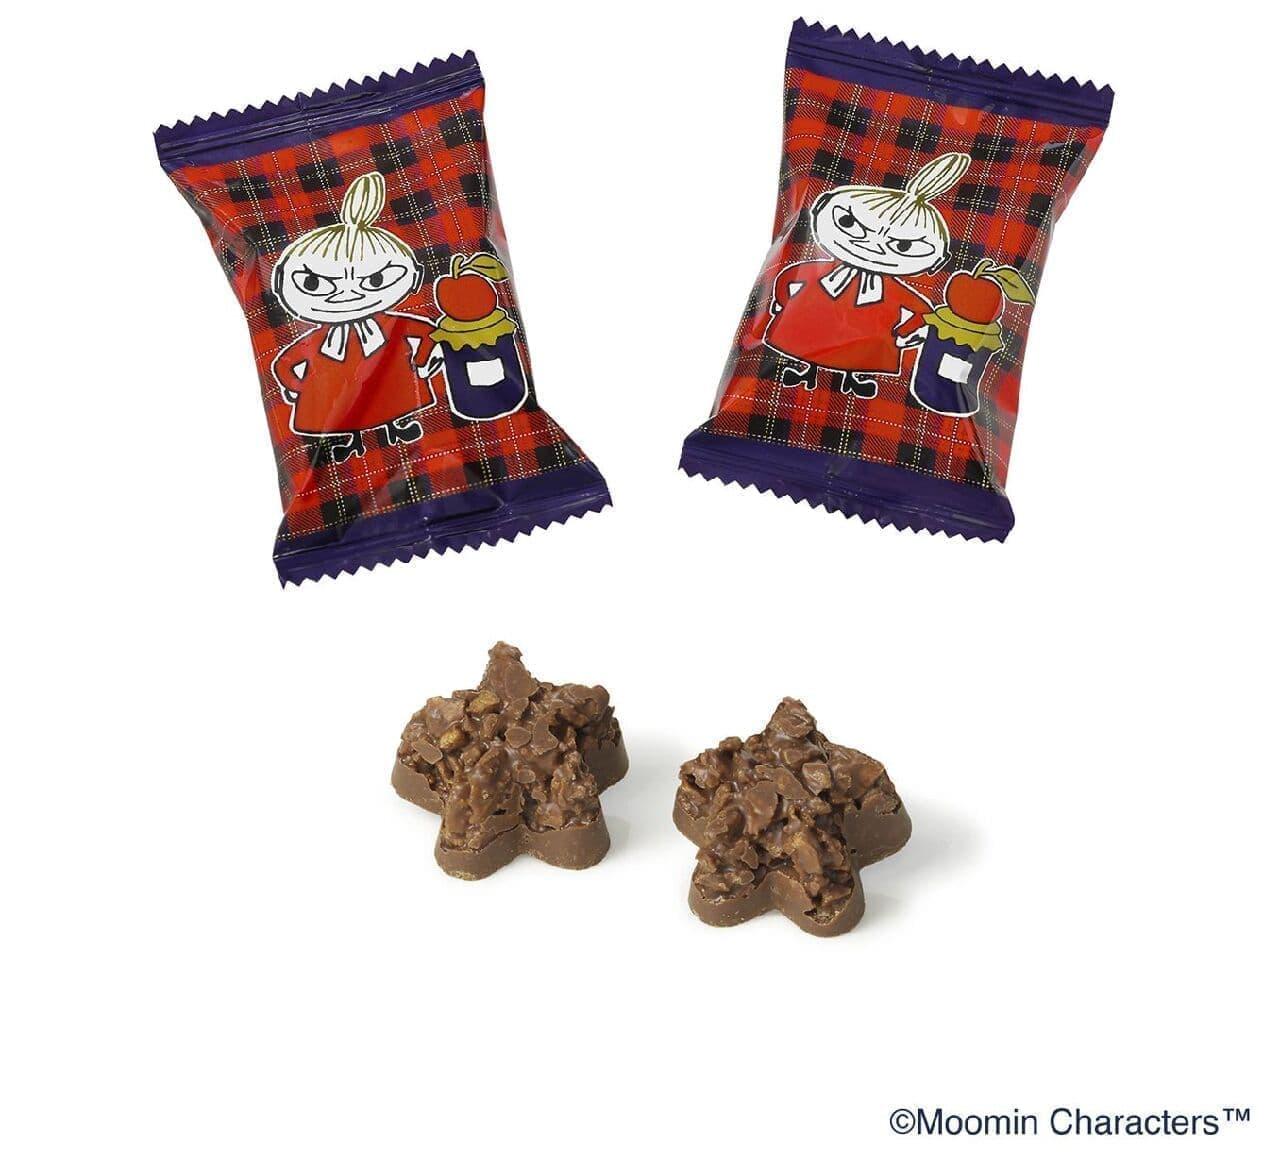 ムーミン×メリー オリジナルチョコレート「リトルミイ クランチチョコレート(オレンジ)」